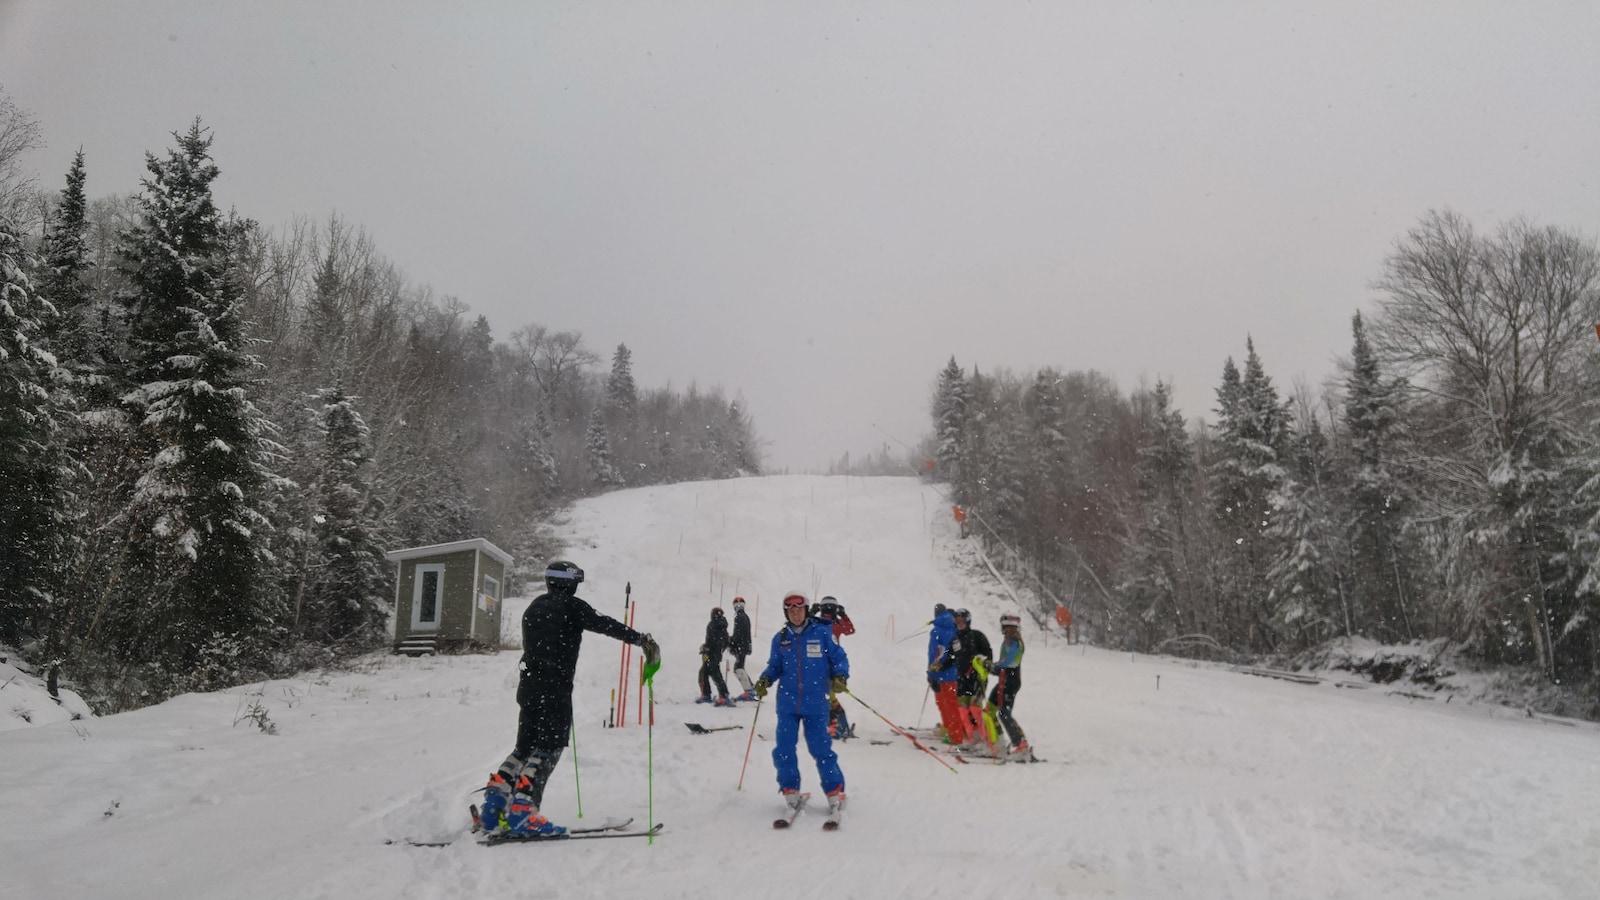 Les skieurs dans les pentes